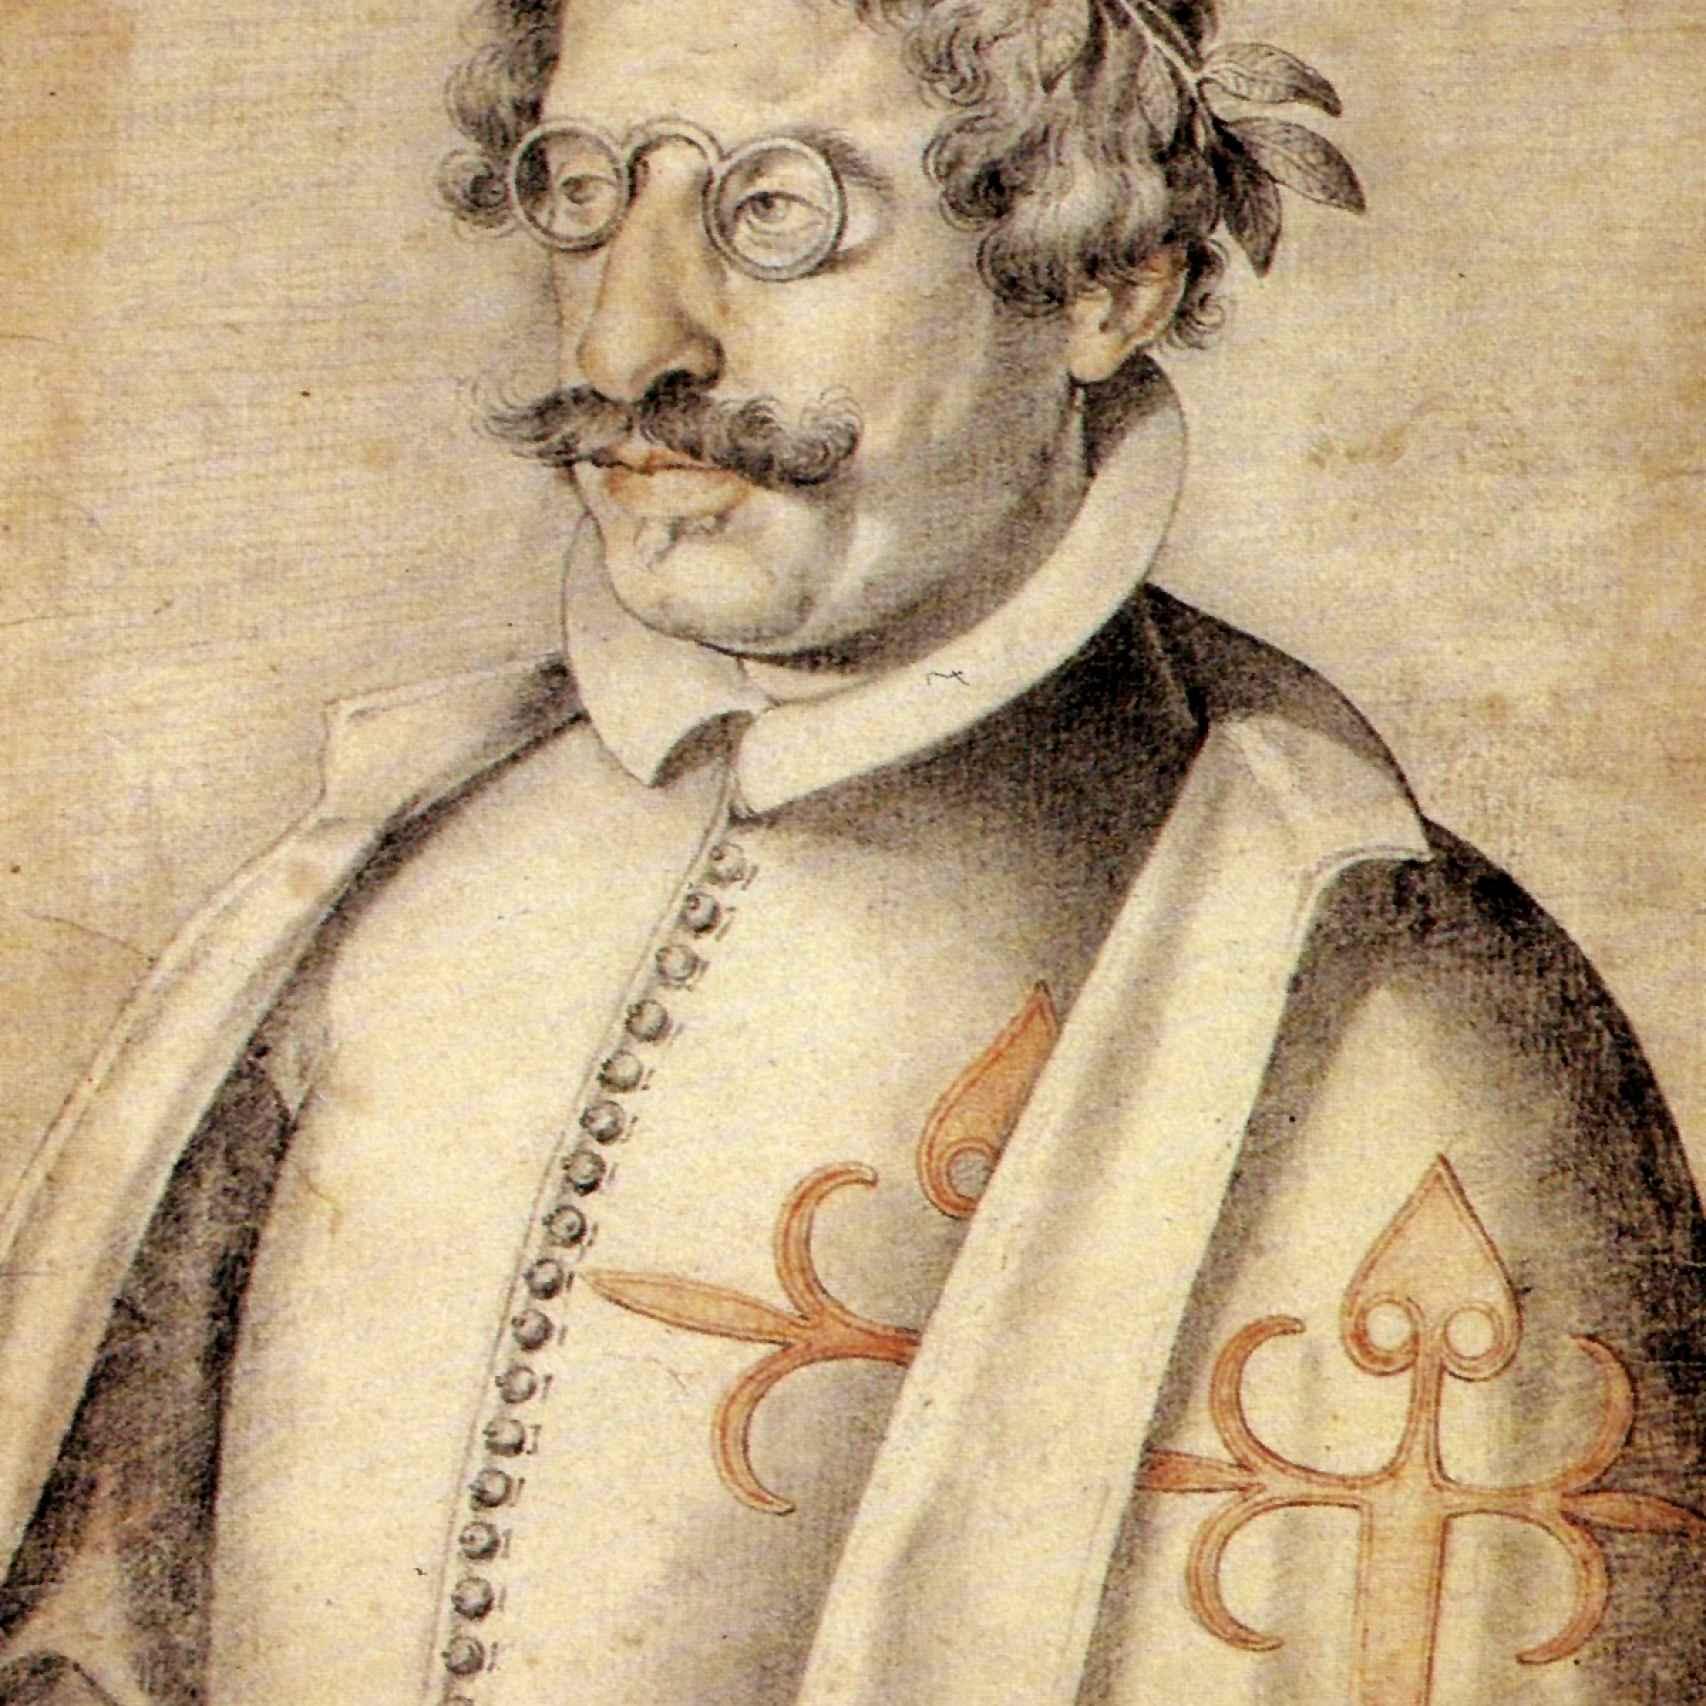 Francisco de Quevedo retratado por Francisco Pacheco.